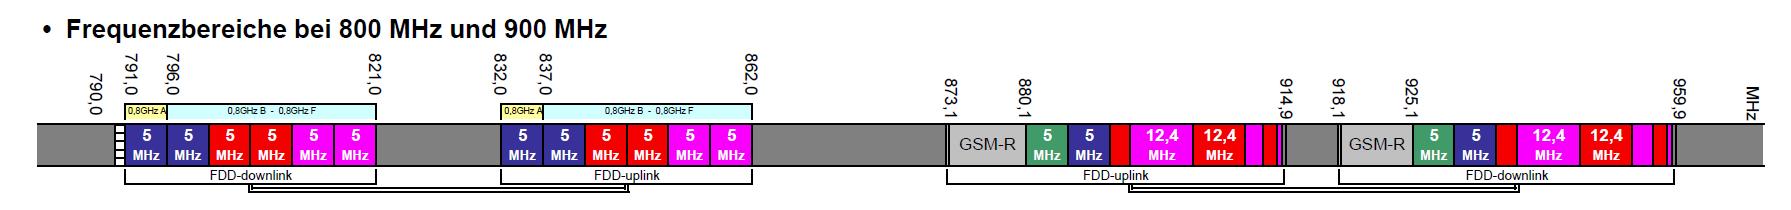 Frequenzverteilung im 800-Megahertz-Band